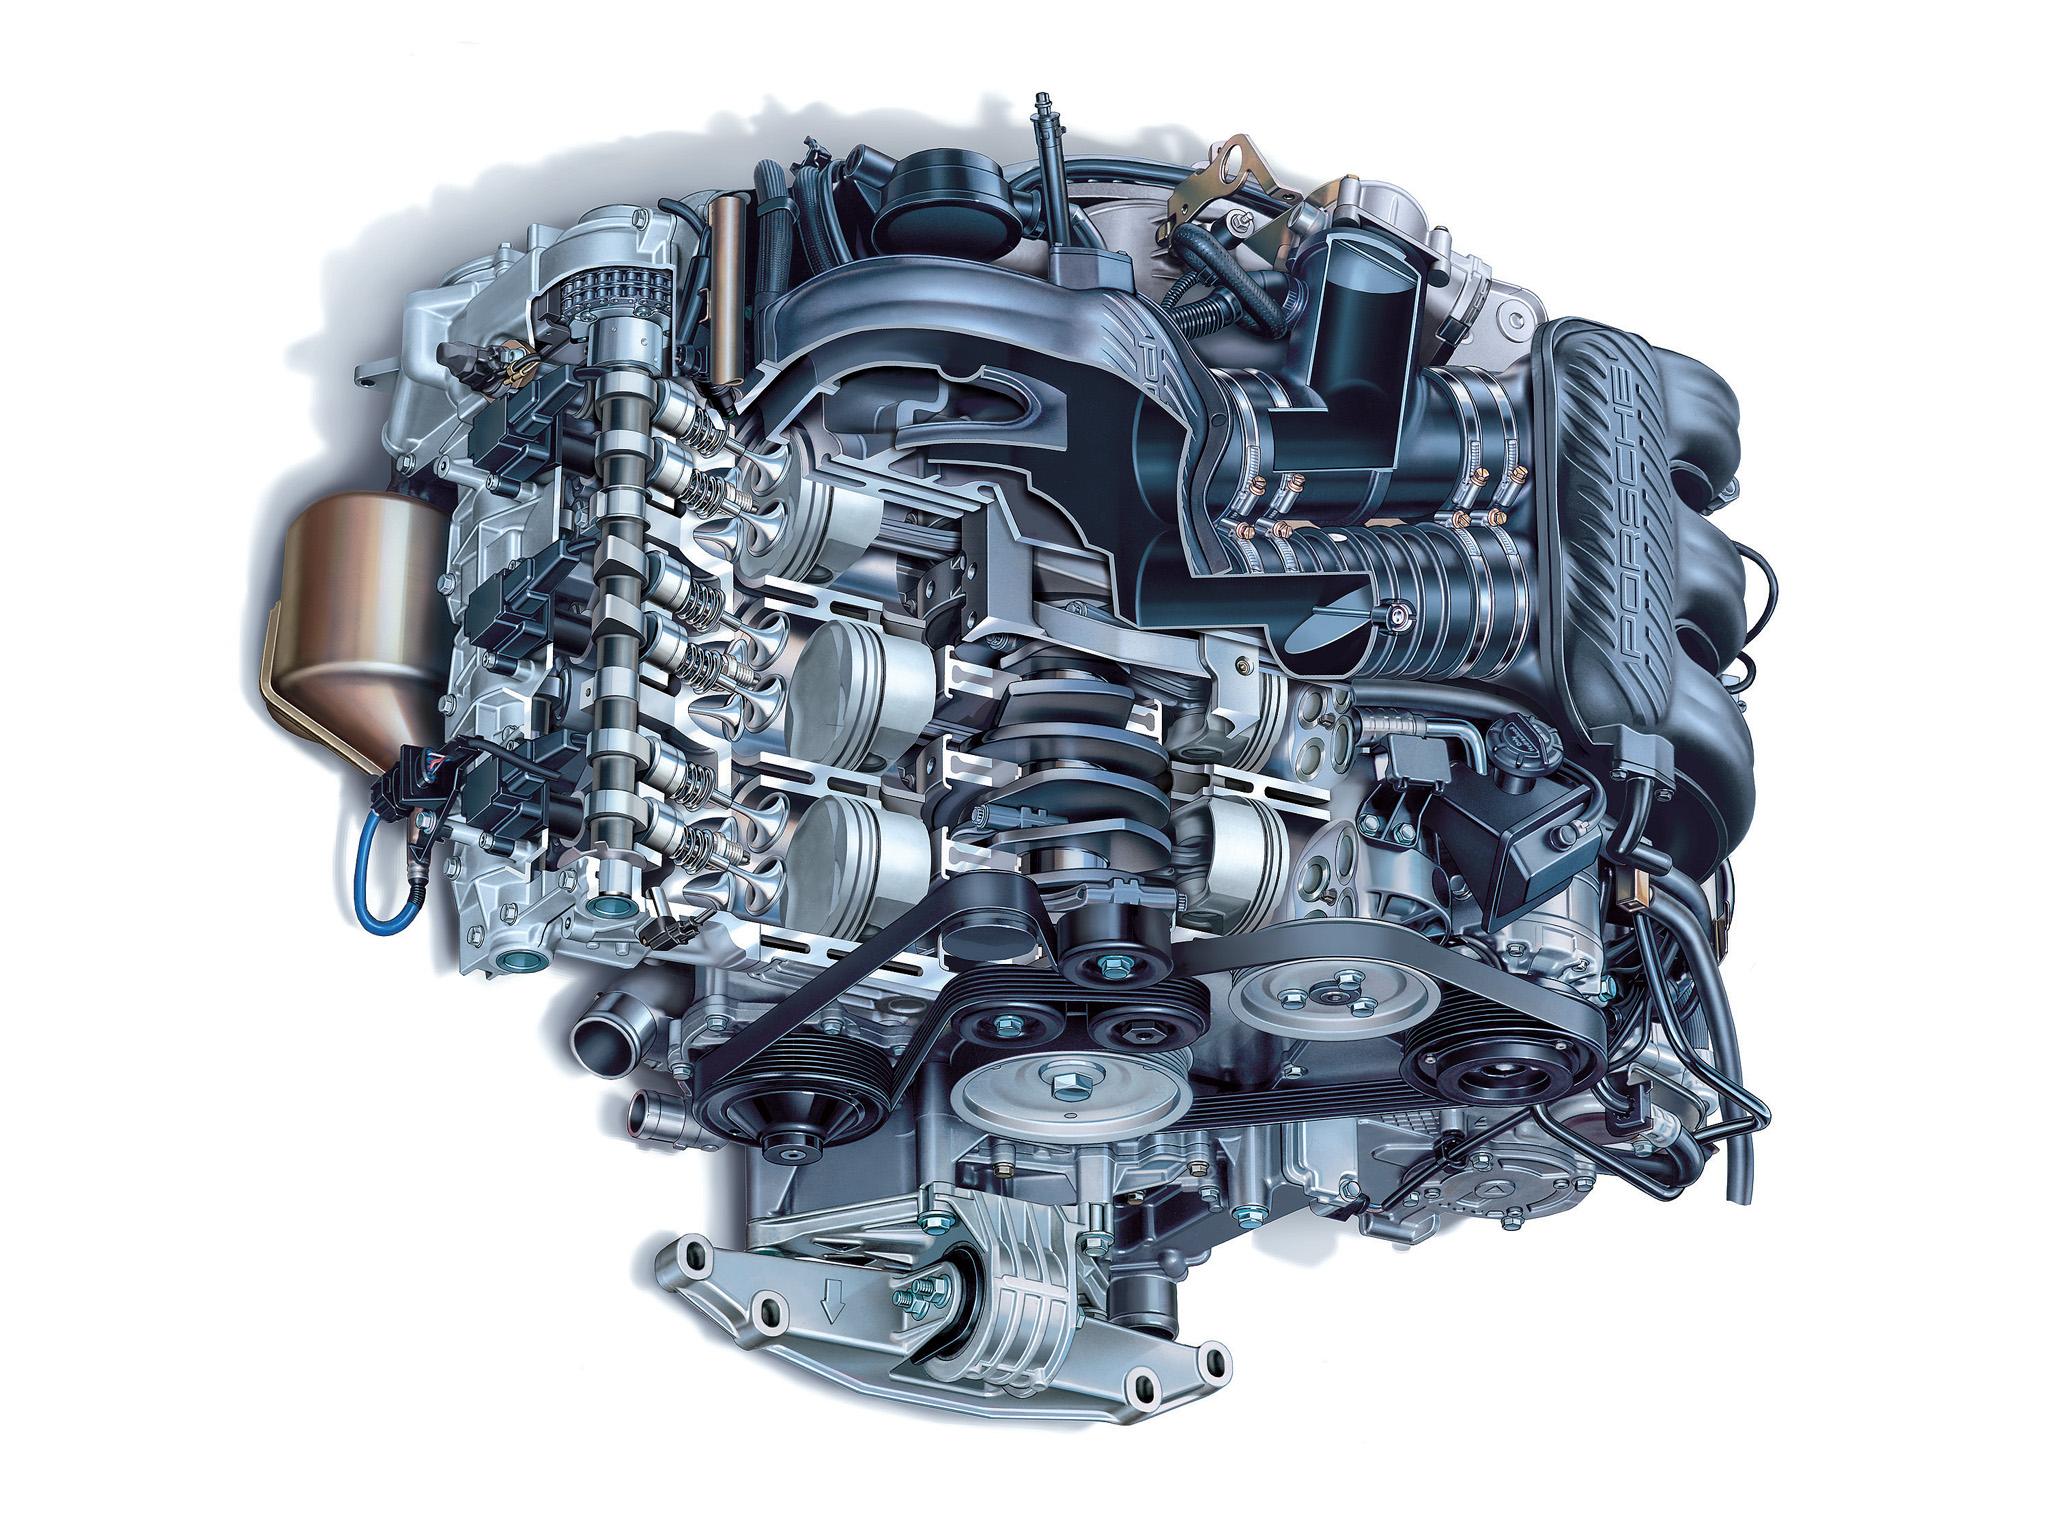 Engine porsche boxster s 986 wallpaper 2048x1536 132037 wallpaperup - Porsche engine wallpaper ...